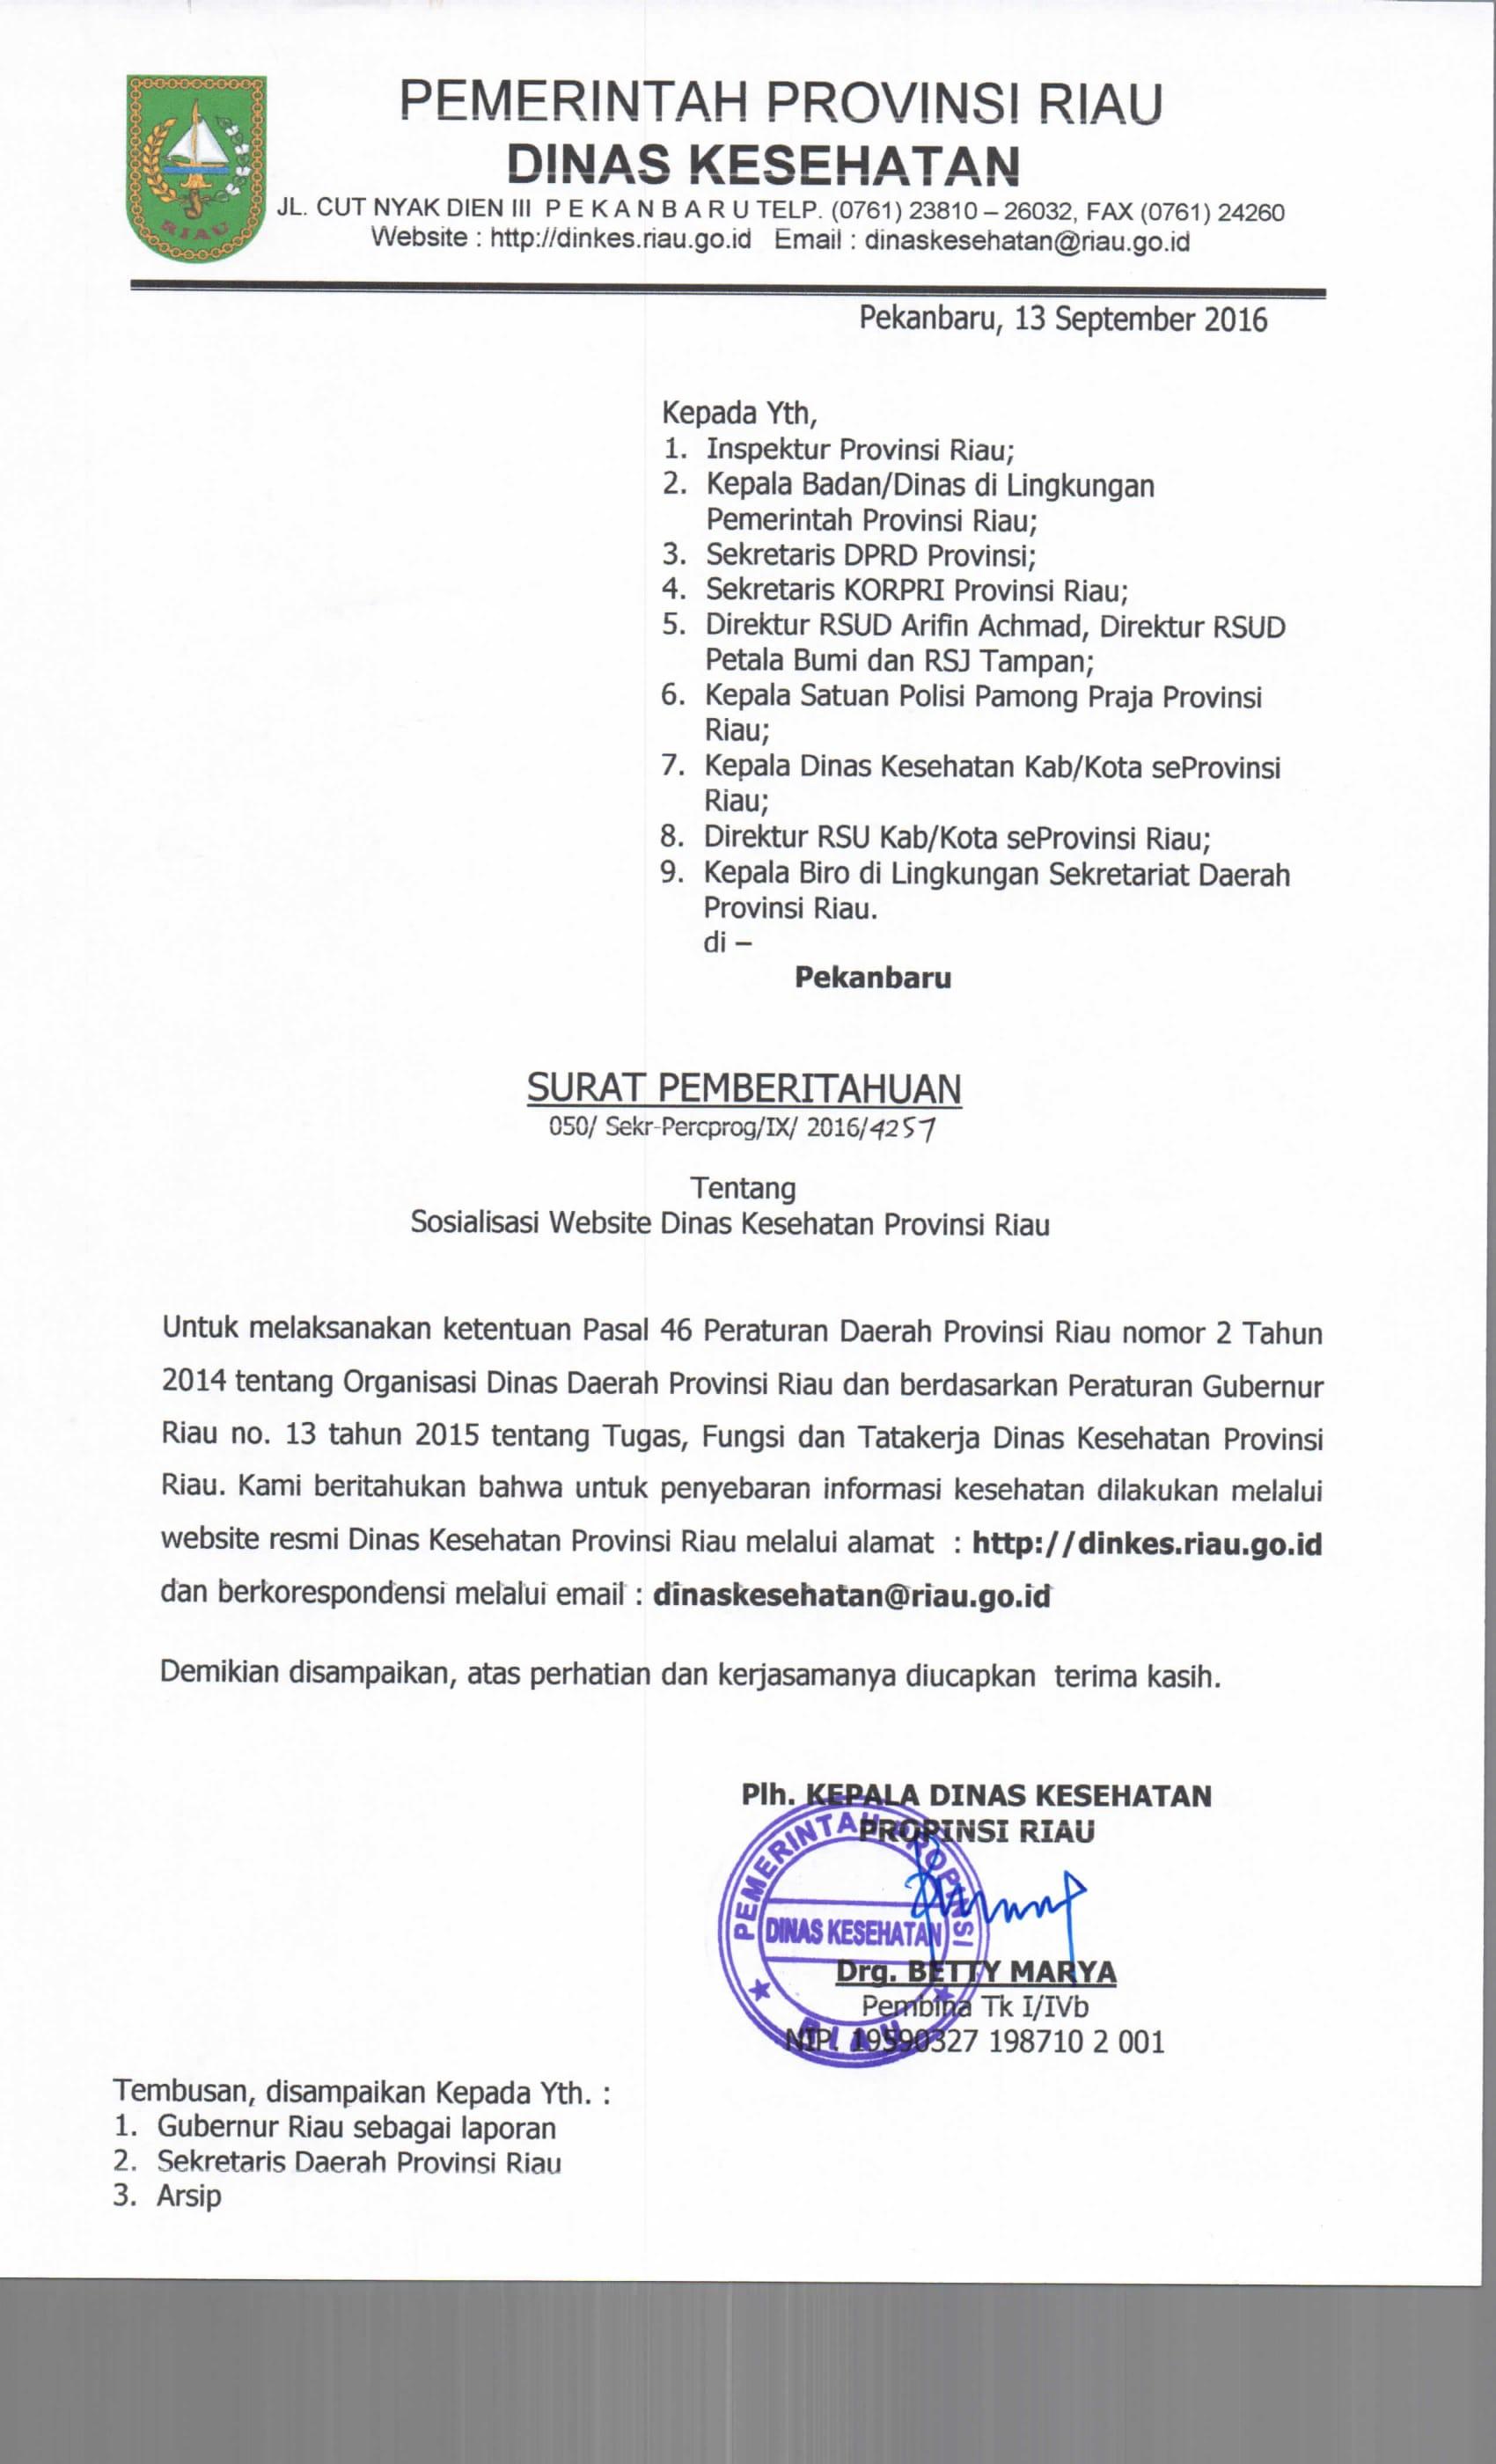 Sosialisasi Website Dinas Kesehatan Provinsi Riau Satuan